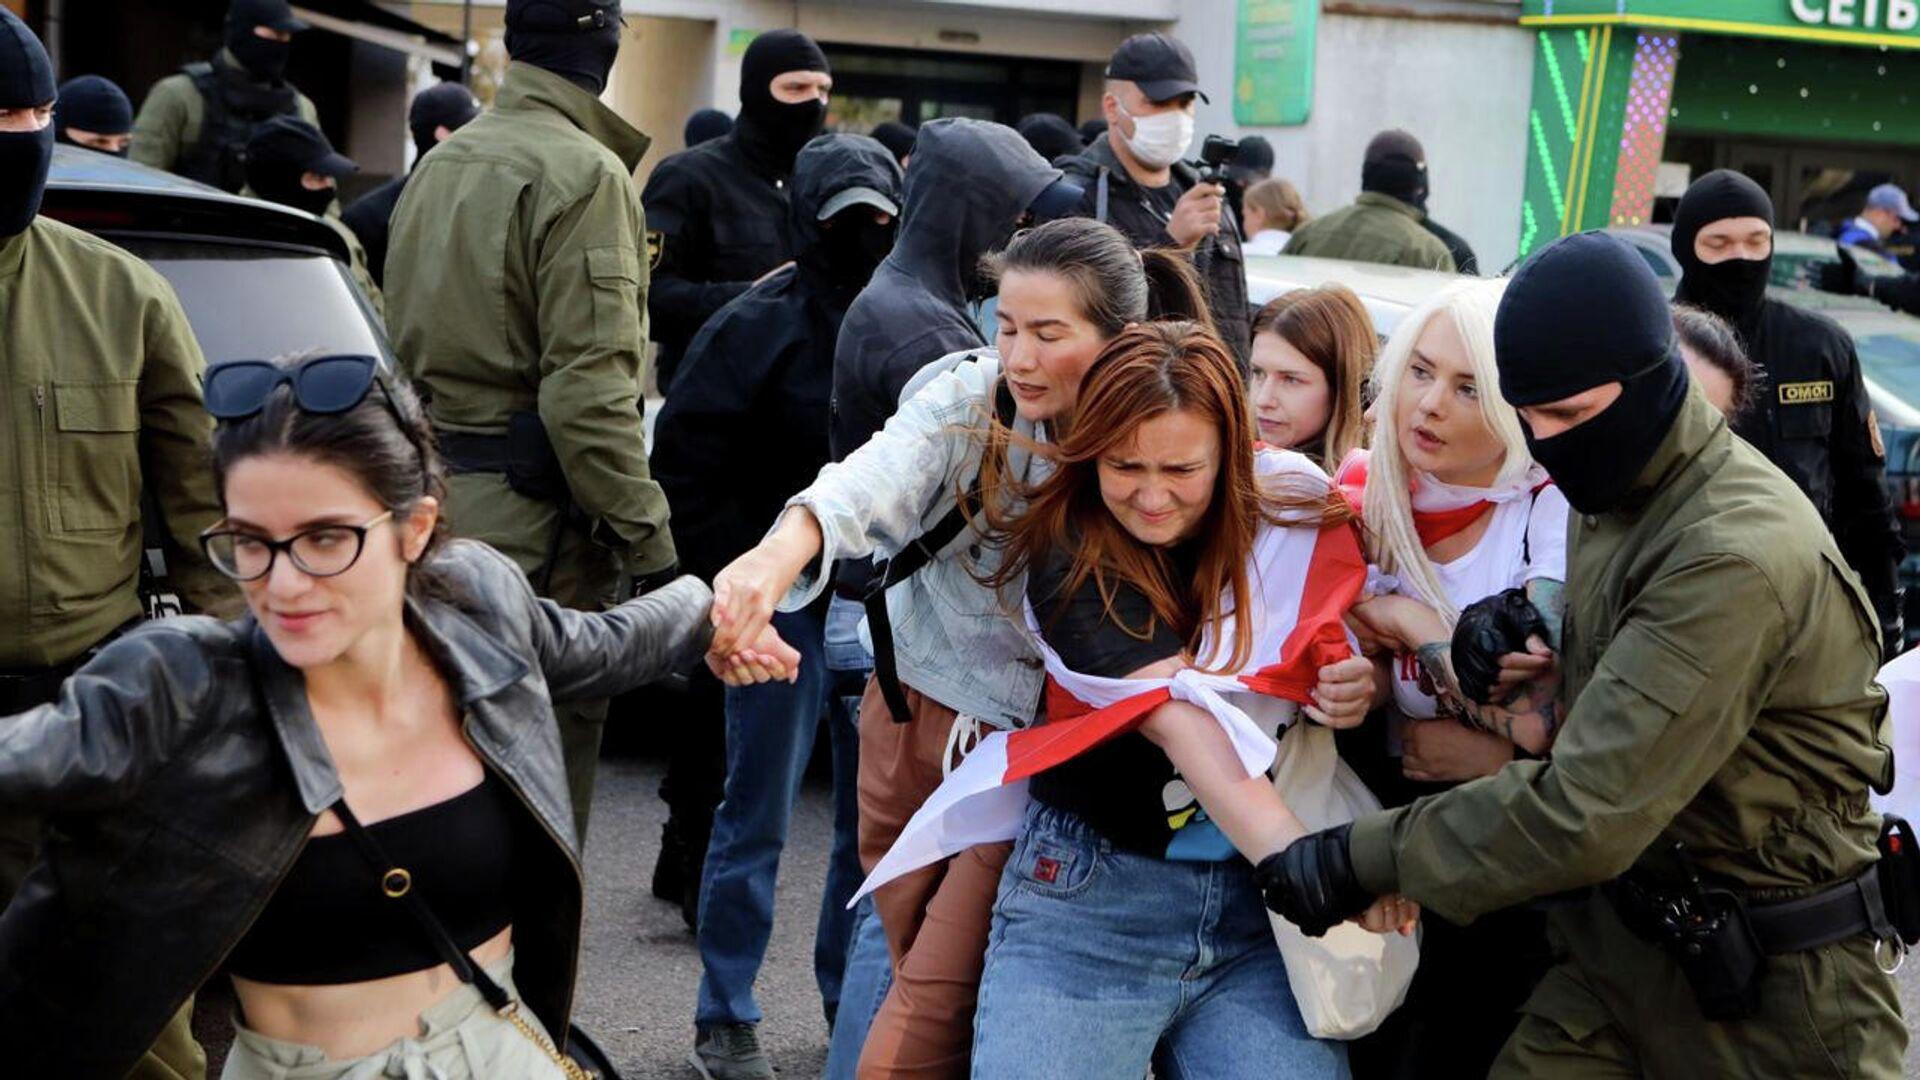 Участники акции протеста во время столкновения с сотрудниками правоохранительных органов в Минске - РИА Новости, 1920, 26.09.2020